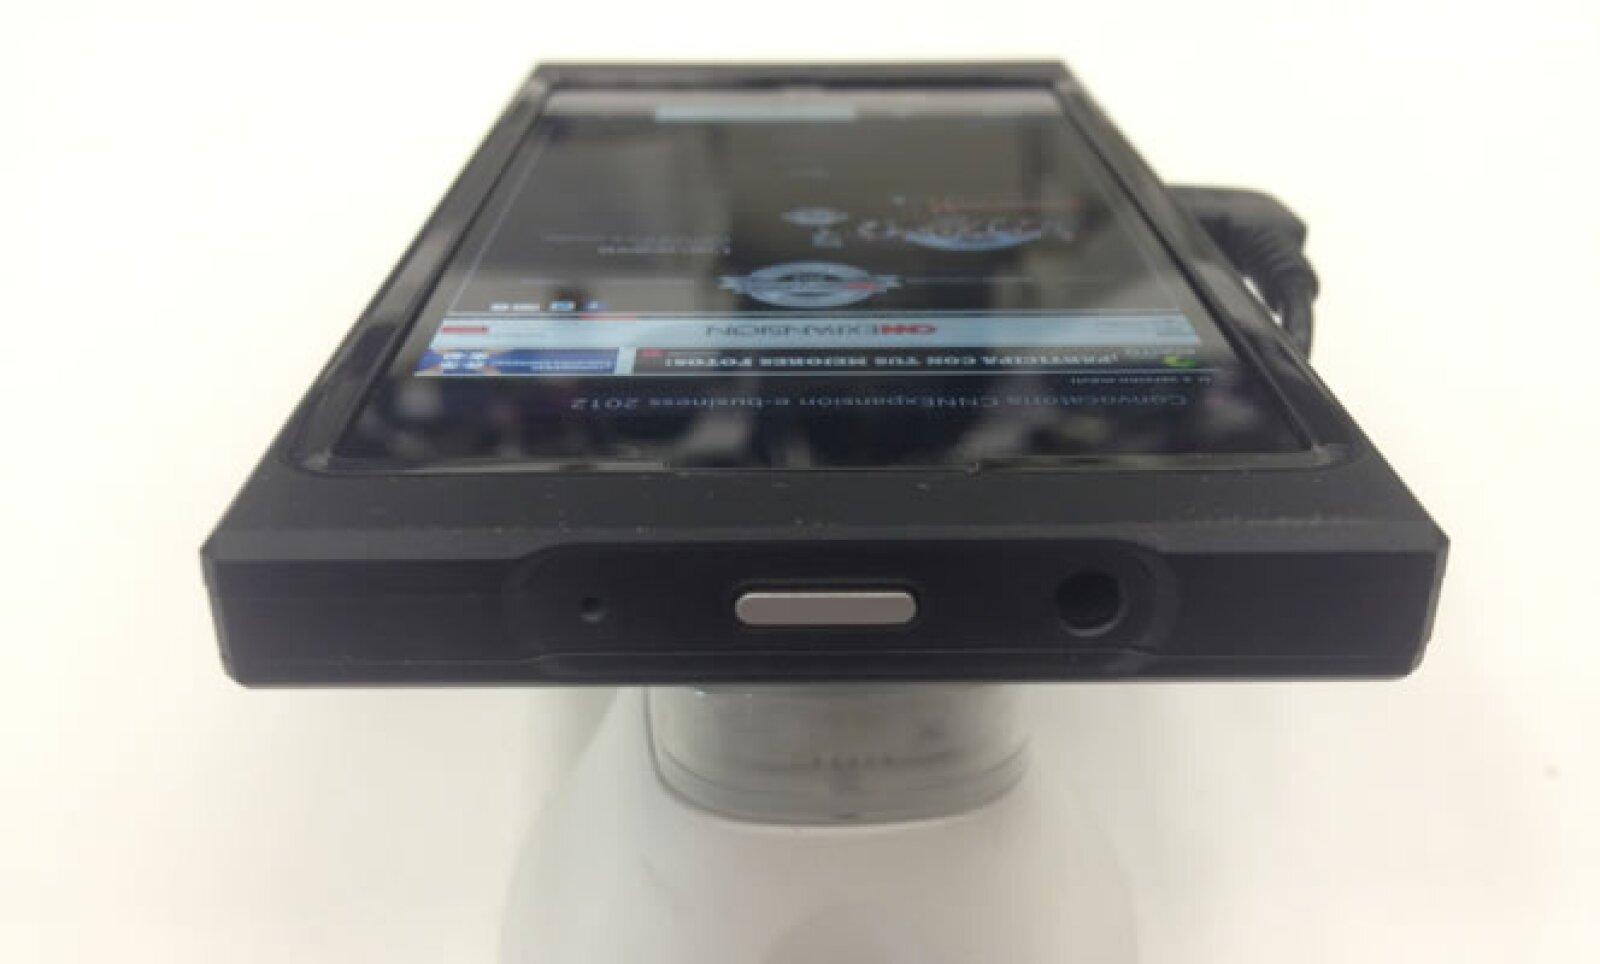 El conector para los audífonos y el botón para encender el equipo se encuentran en la parte superior.